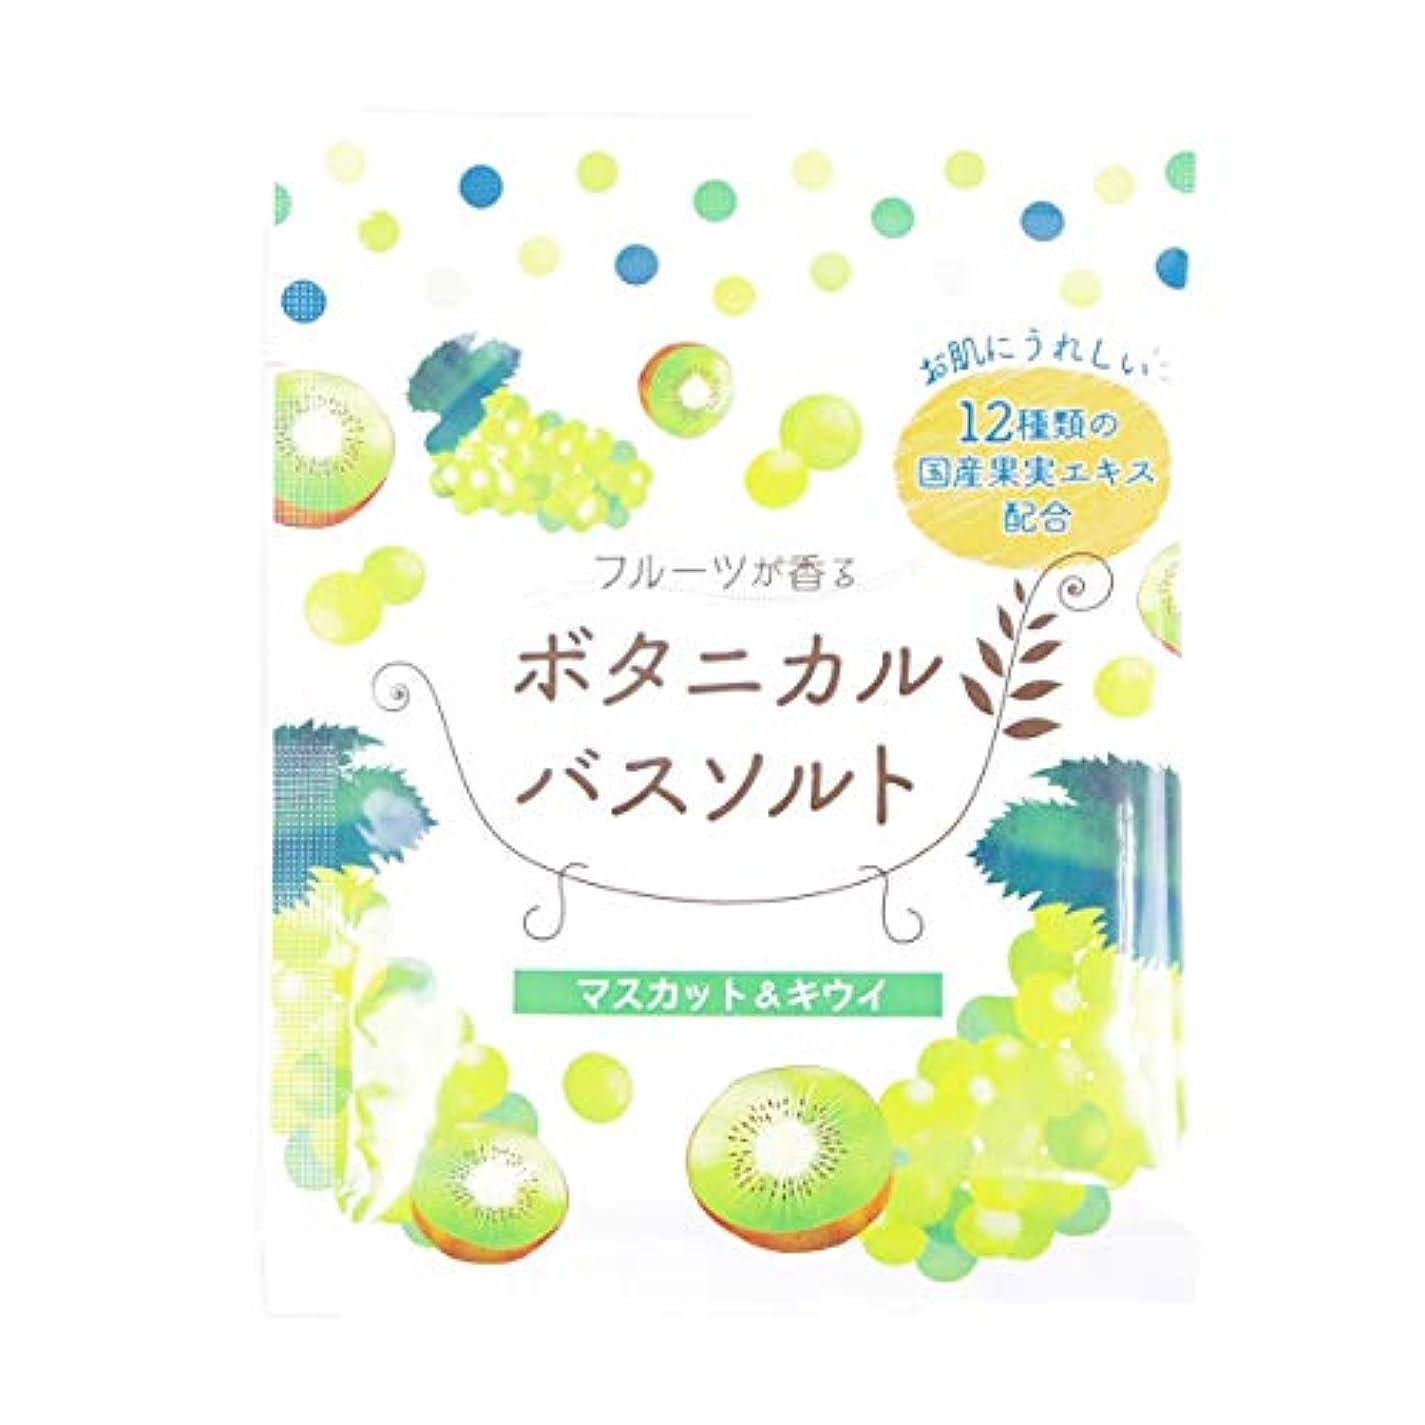 バズ勝利追放する松田医薬品 フルーツが香るボタニカルバスソルト マスカット&キウイ 30g